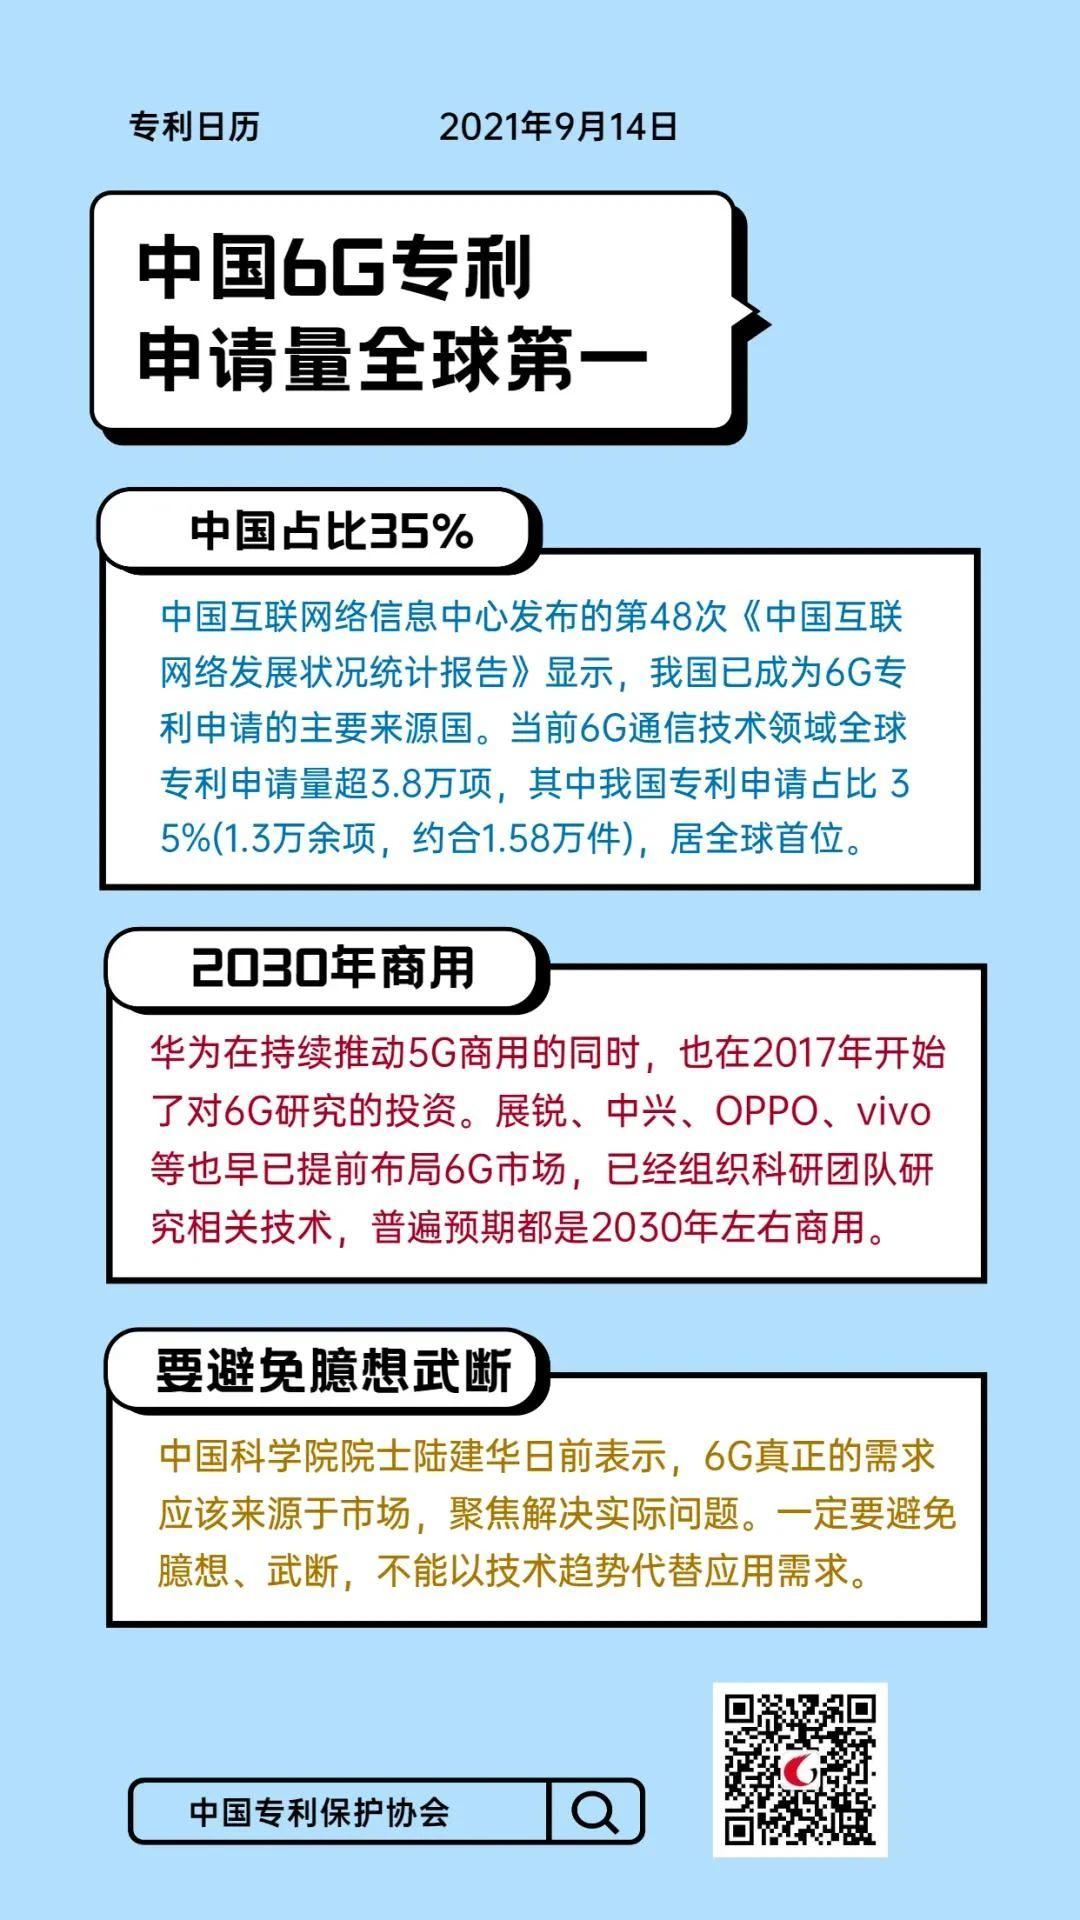 #晨报#关于调减商标申请缴费期的通告;中国6G专利申请量全球第一